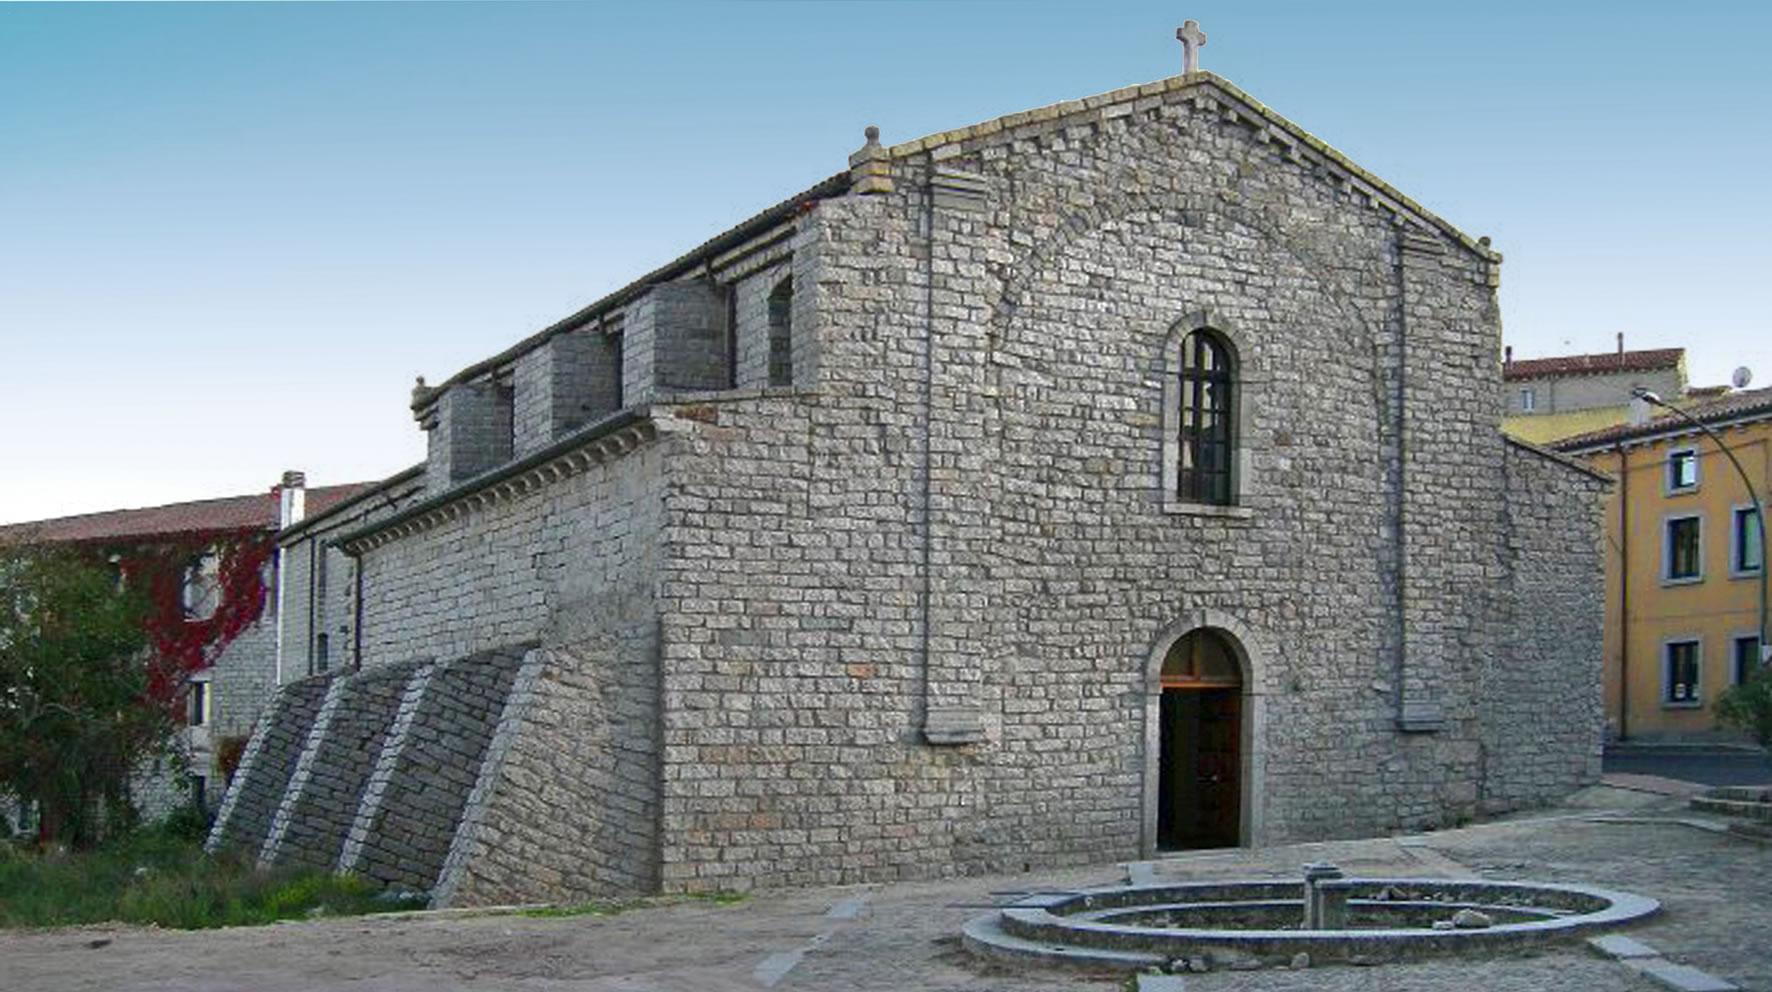 Chiesa di San Francesco, Tempio Pausania